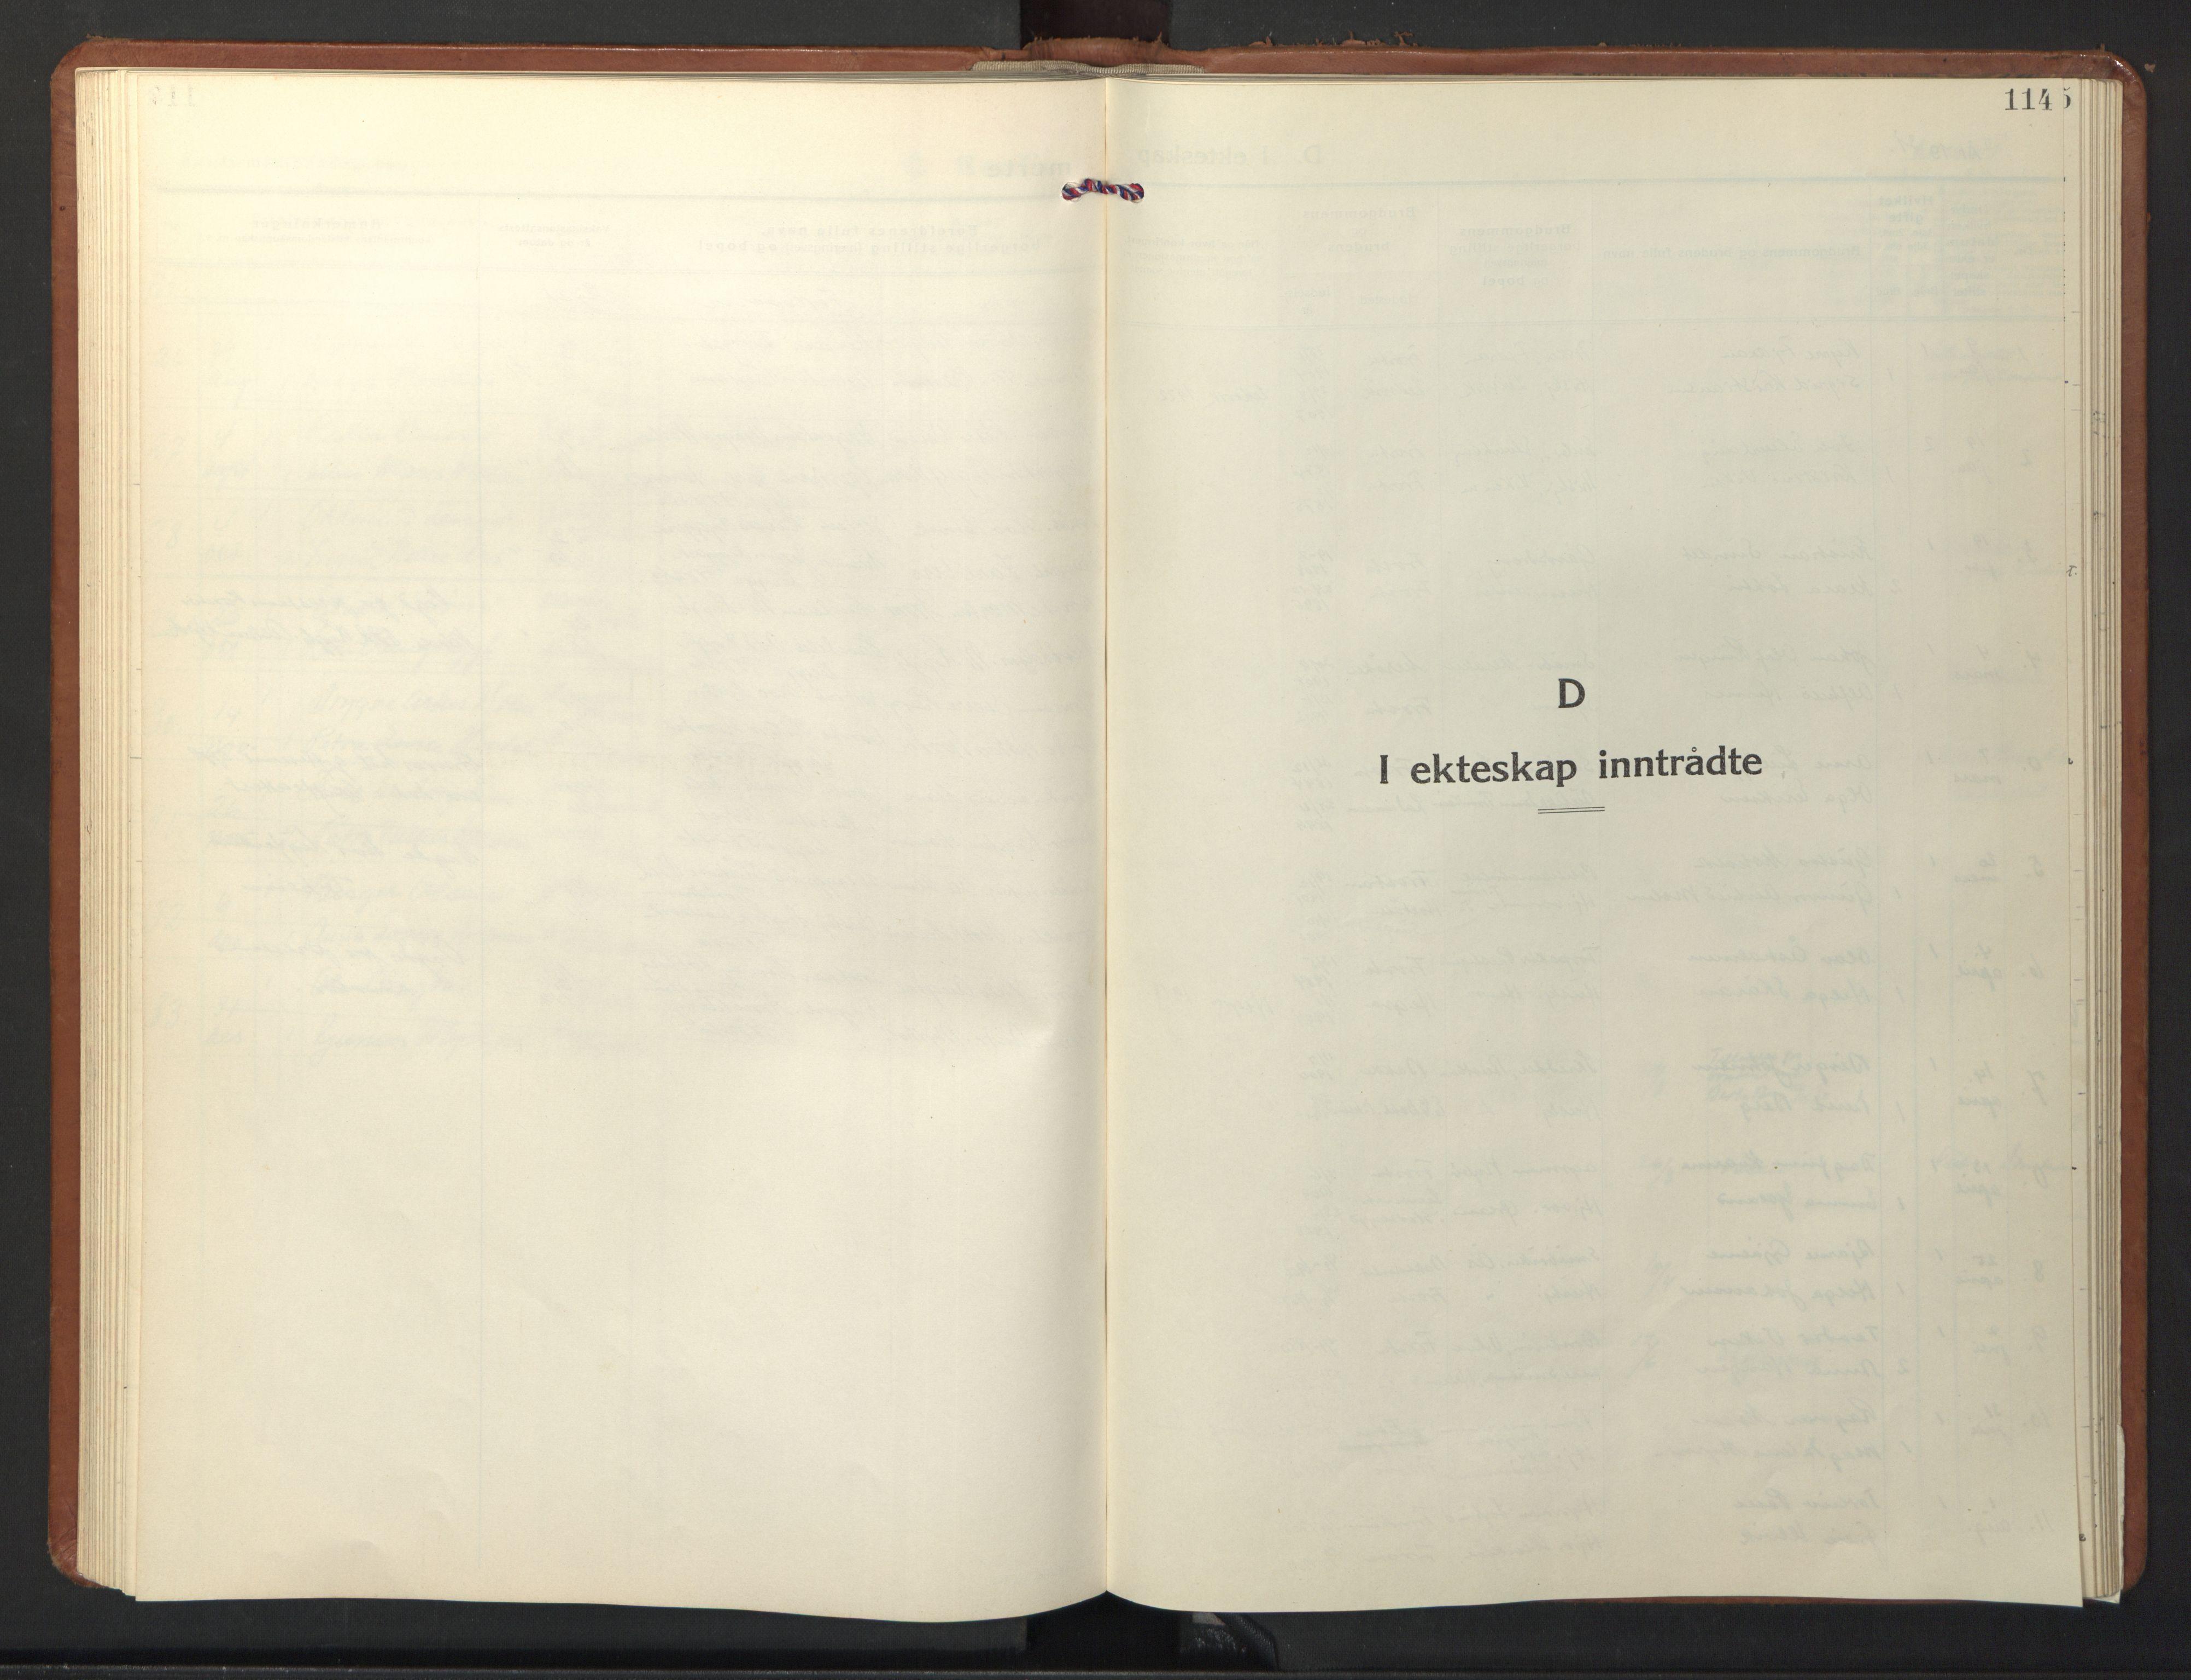 SAT, Ministerialprotokoller, klokkerbøker og fødselsregistre - Nord-Trøndelag, 713/L0125: Klokkerbok nr. 713C02, 1931-1941, s. 114